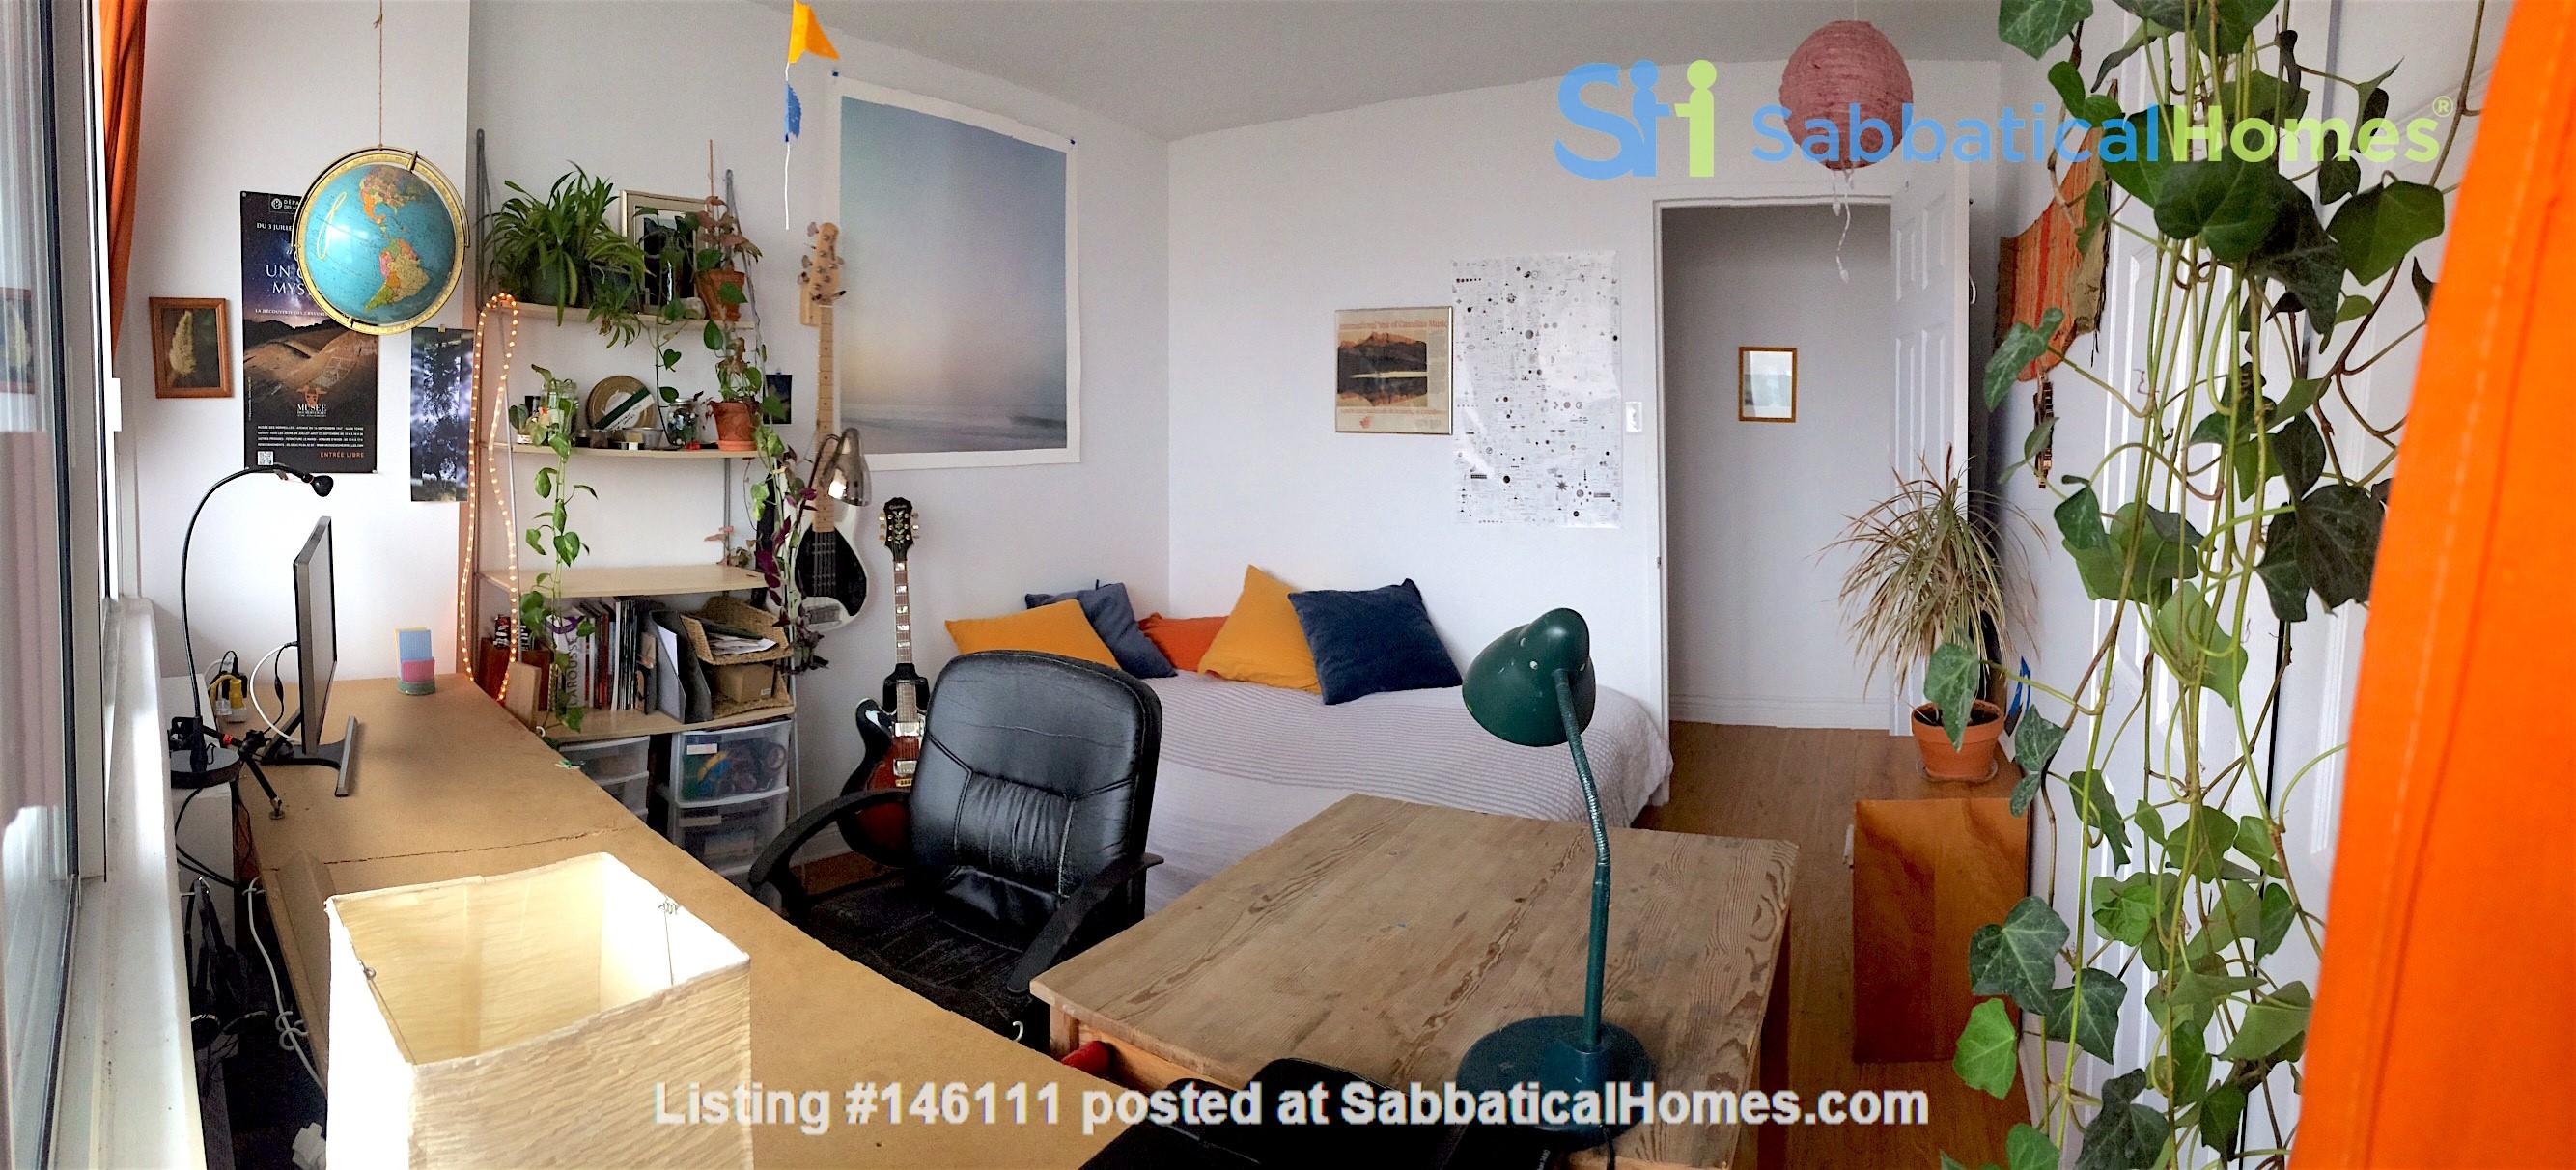 Sunniest nest in heart of Montreal /2 bedrooms Home Exchange in Montréal 3